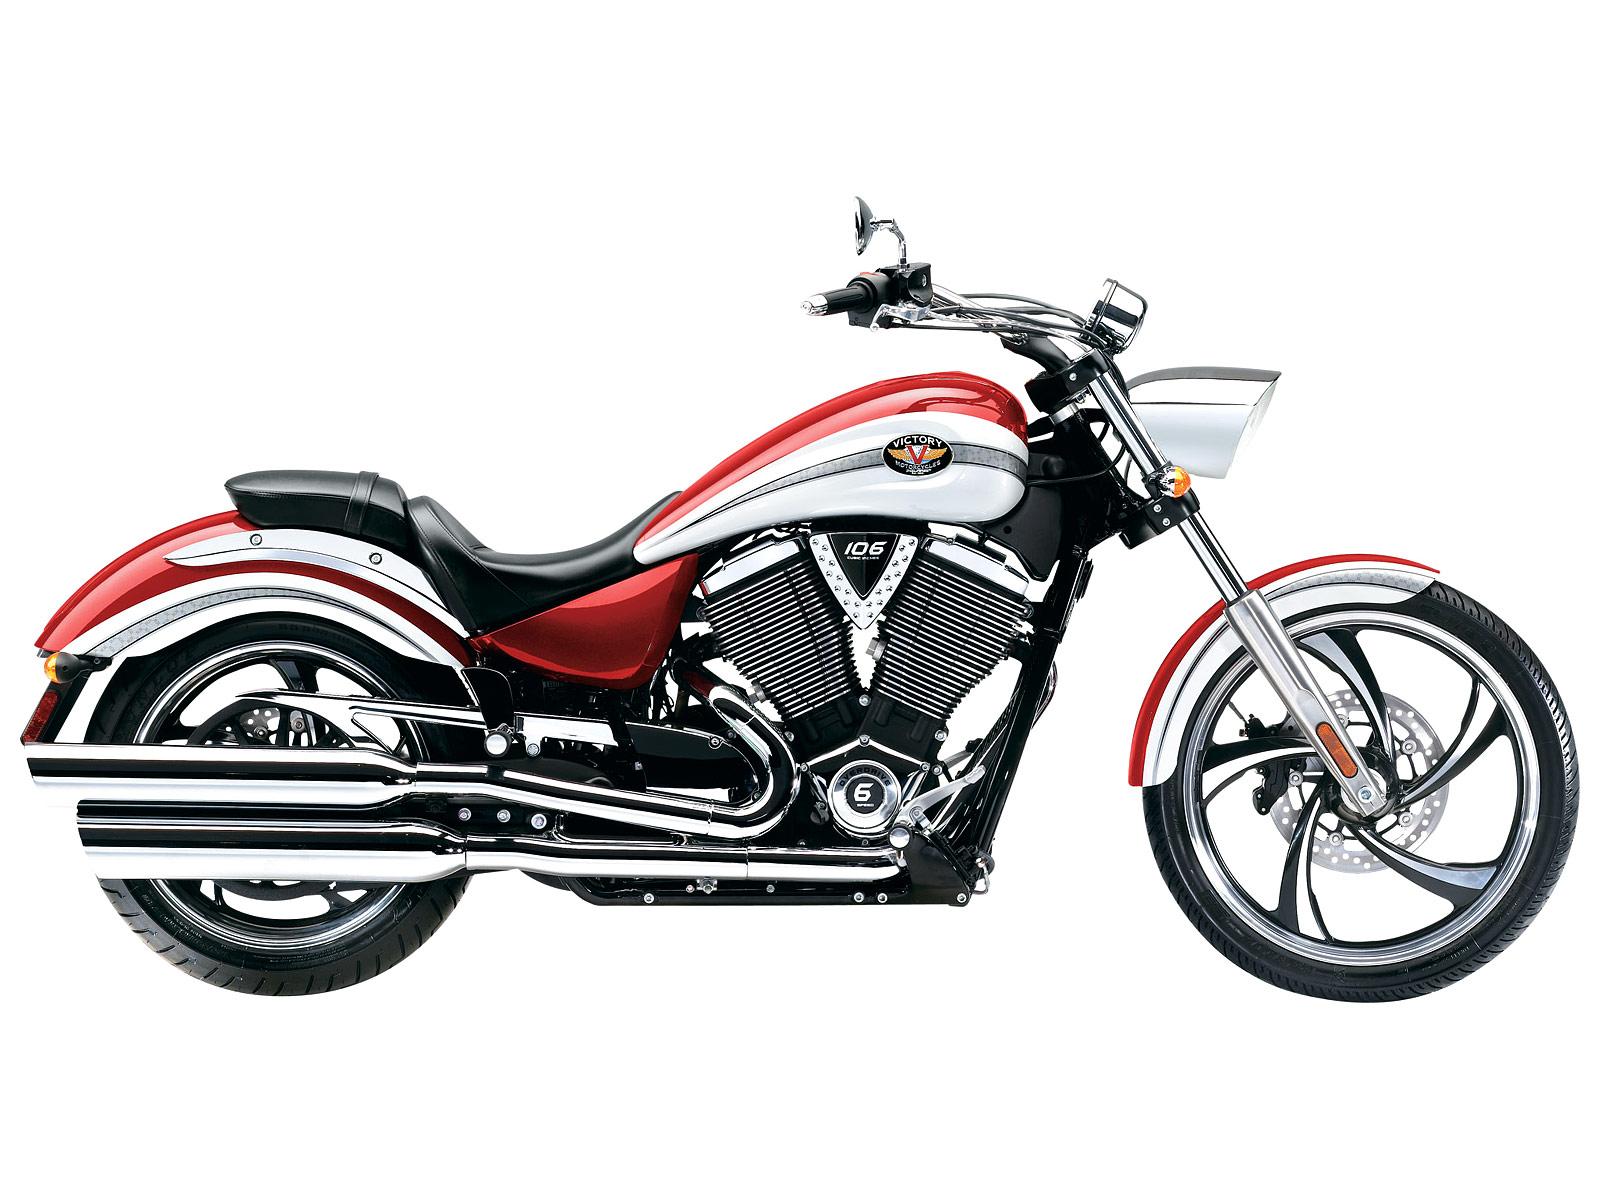 2012 Victory Vegas motorcycle desktop wallpaper 1jpg 1600x1200